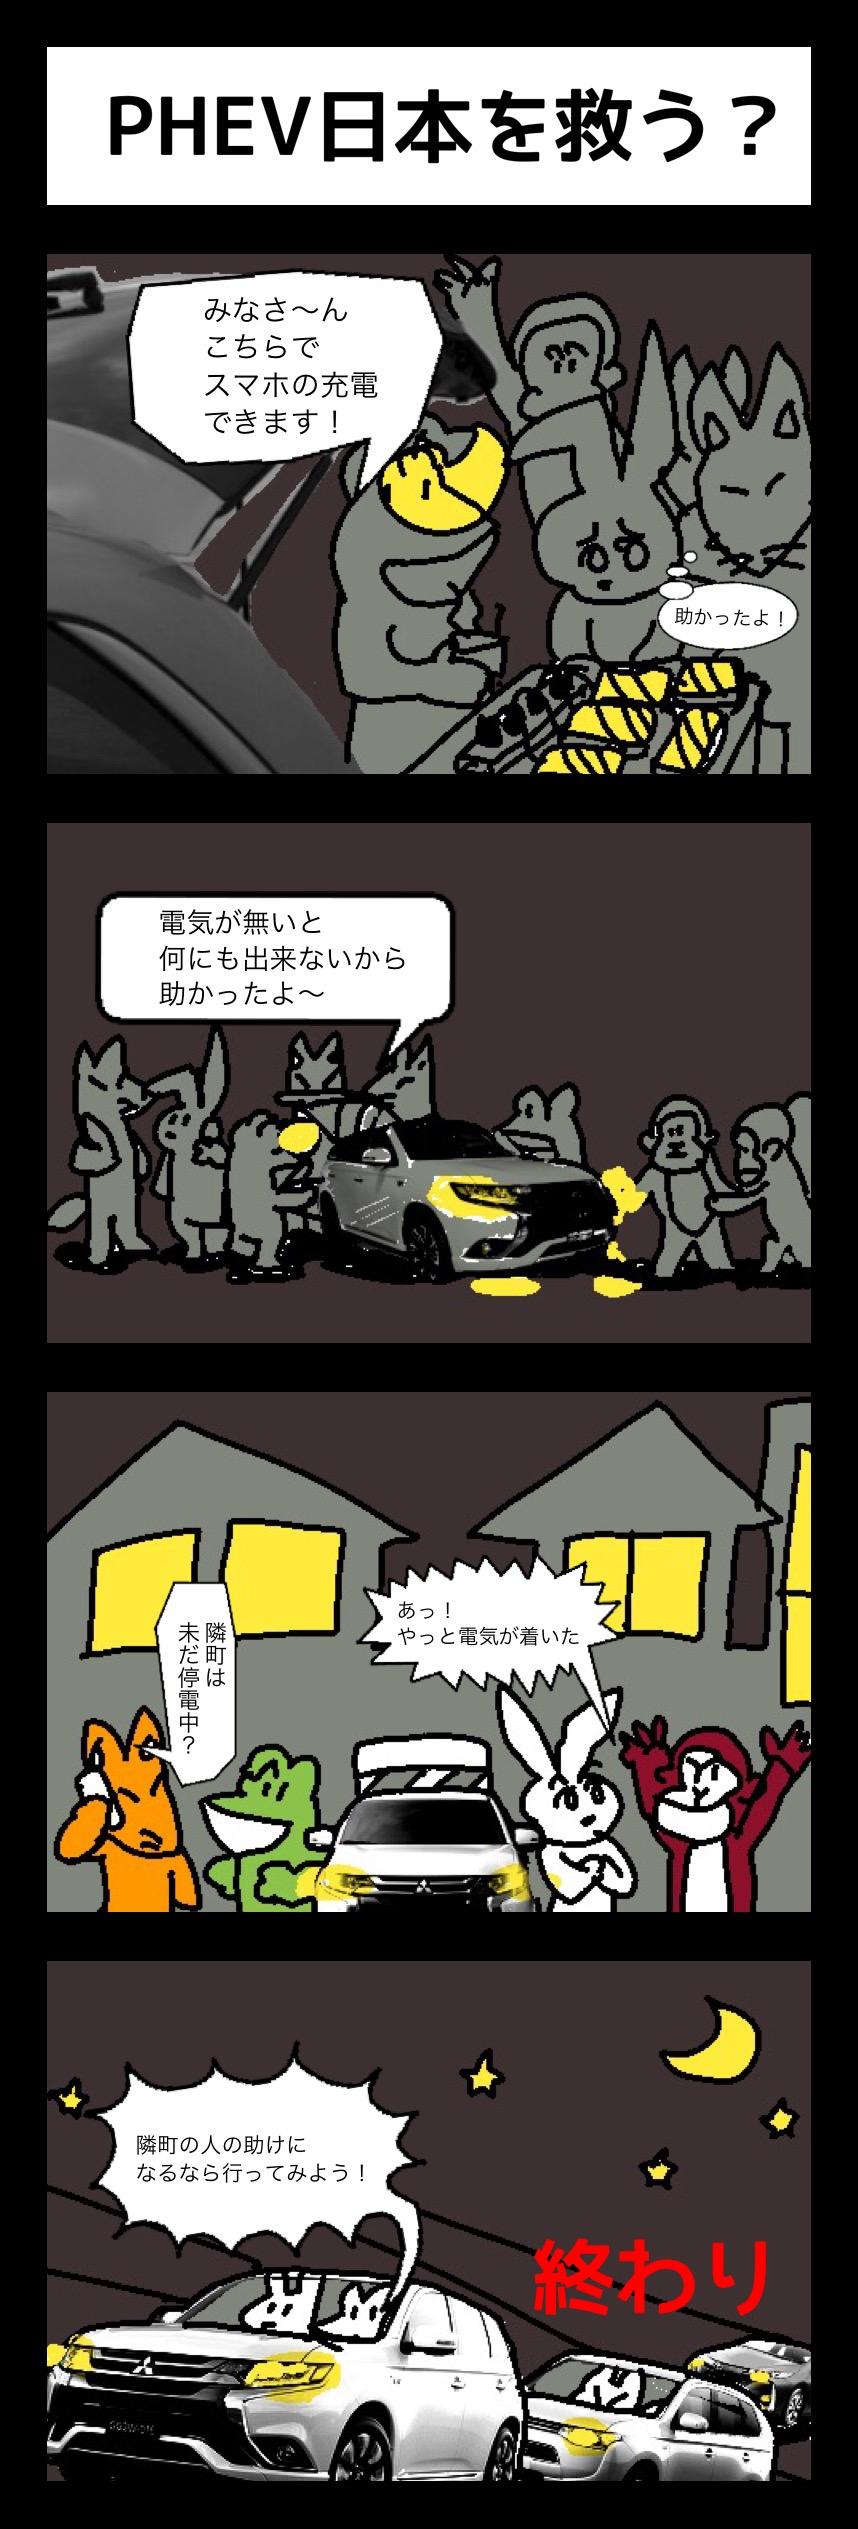 PHEV鳥獣戯画 その44 最終話「PHEV日本を救う?」